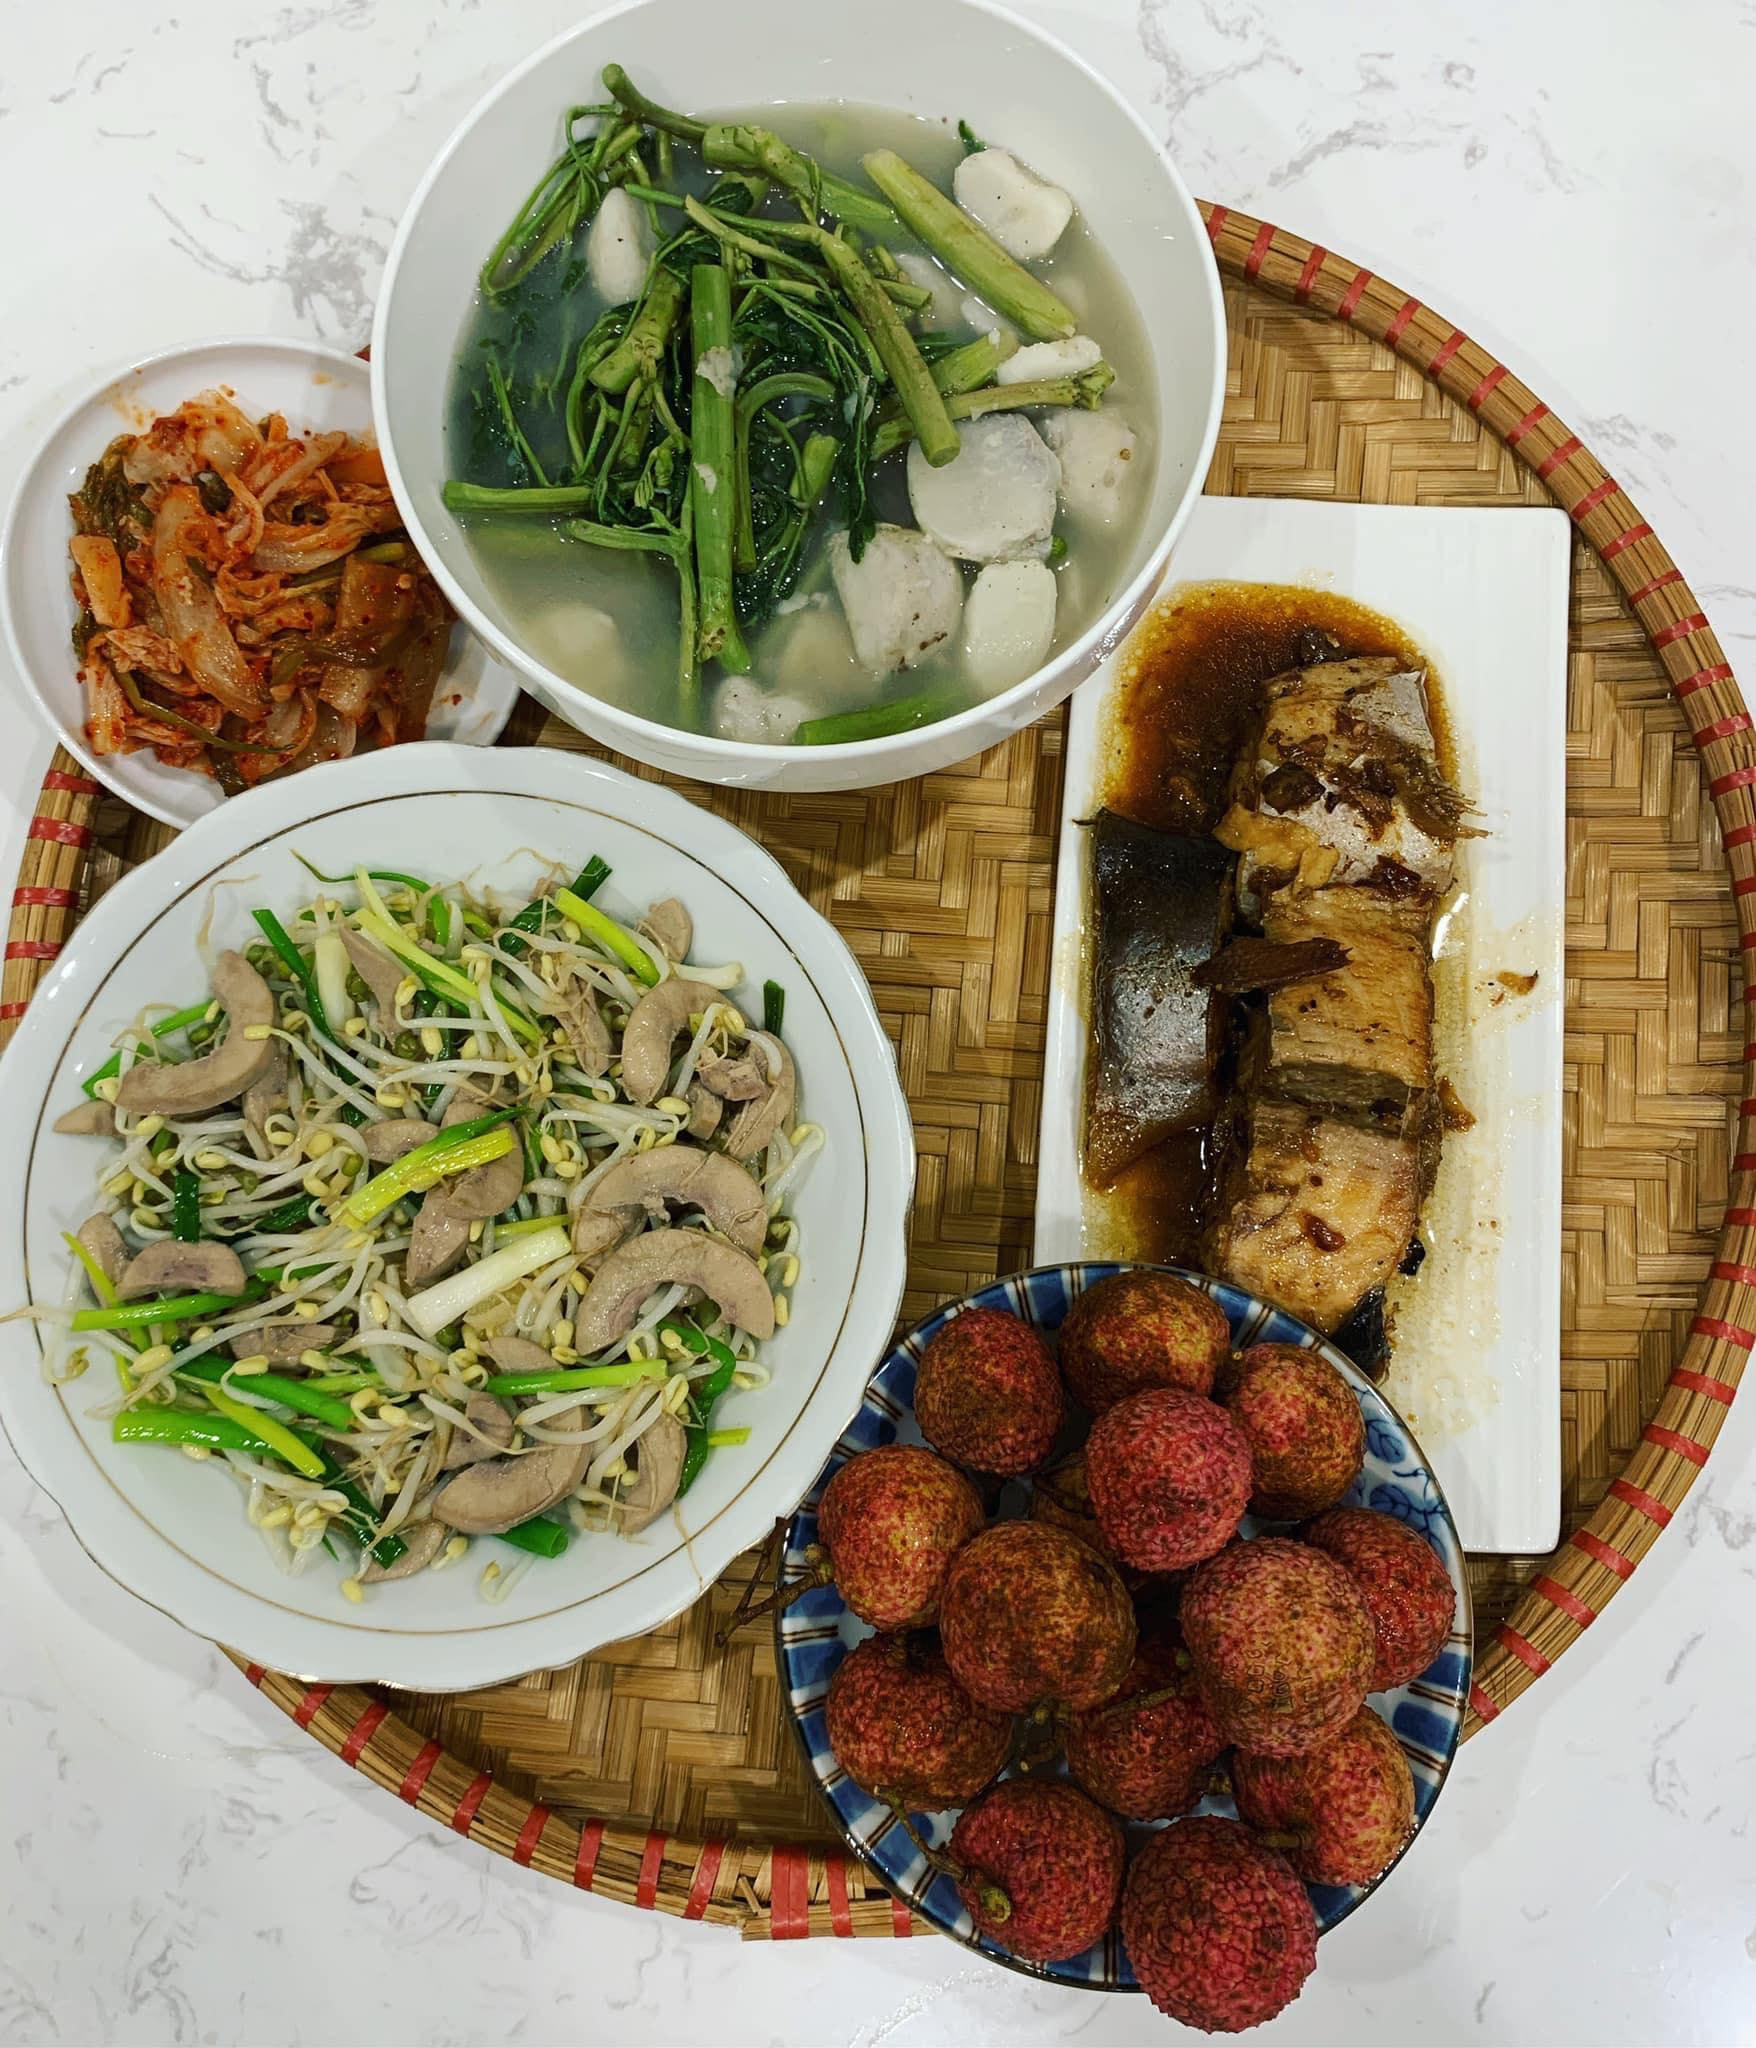 Chi phí chỉ từ 100k nhưng mỗi bữa cơm của bà nội trợ Hà Nội đều tươm tất đủ món thơm ngon, bổ dưỡng cho mọi thành viên gia đình - Ảnh 7.